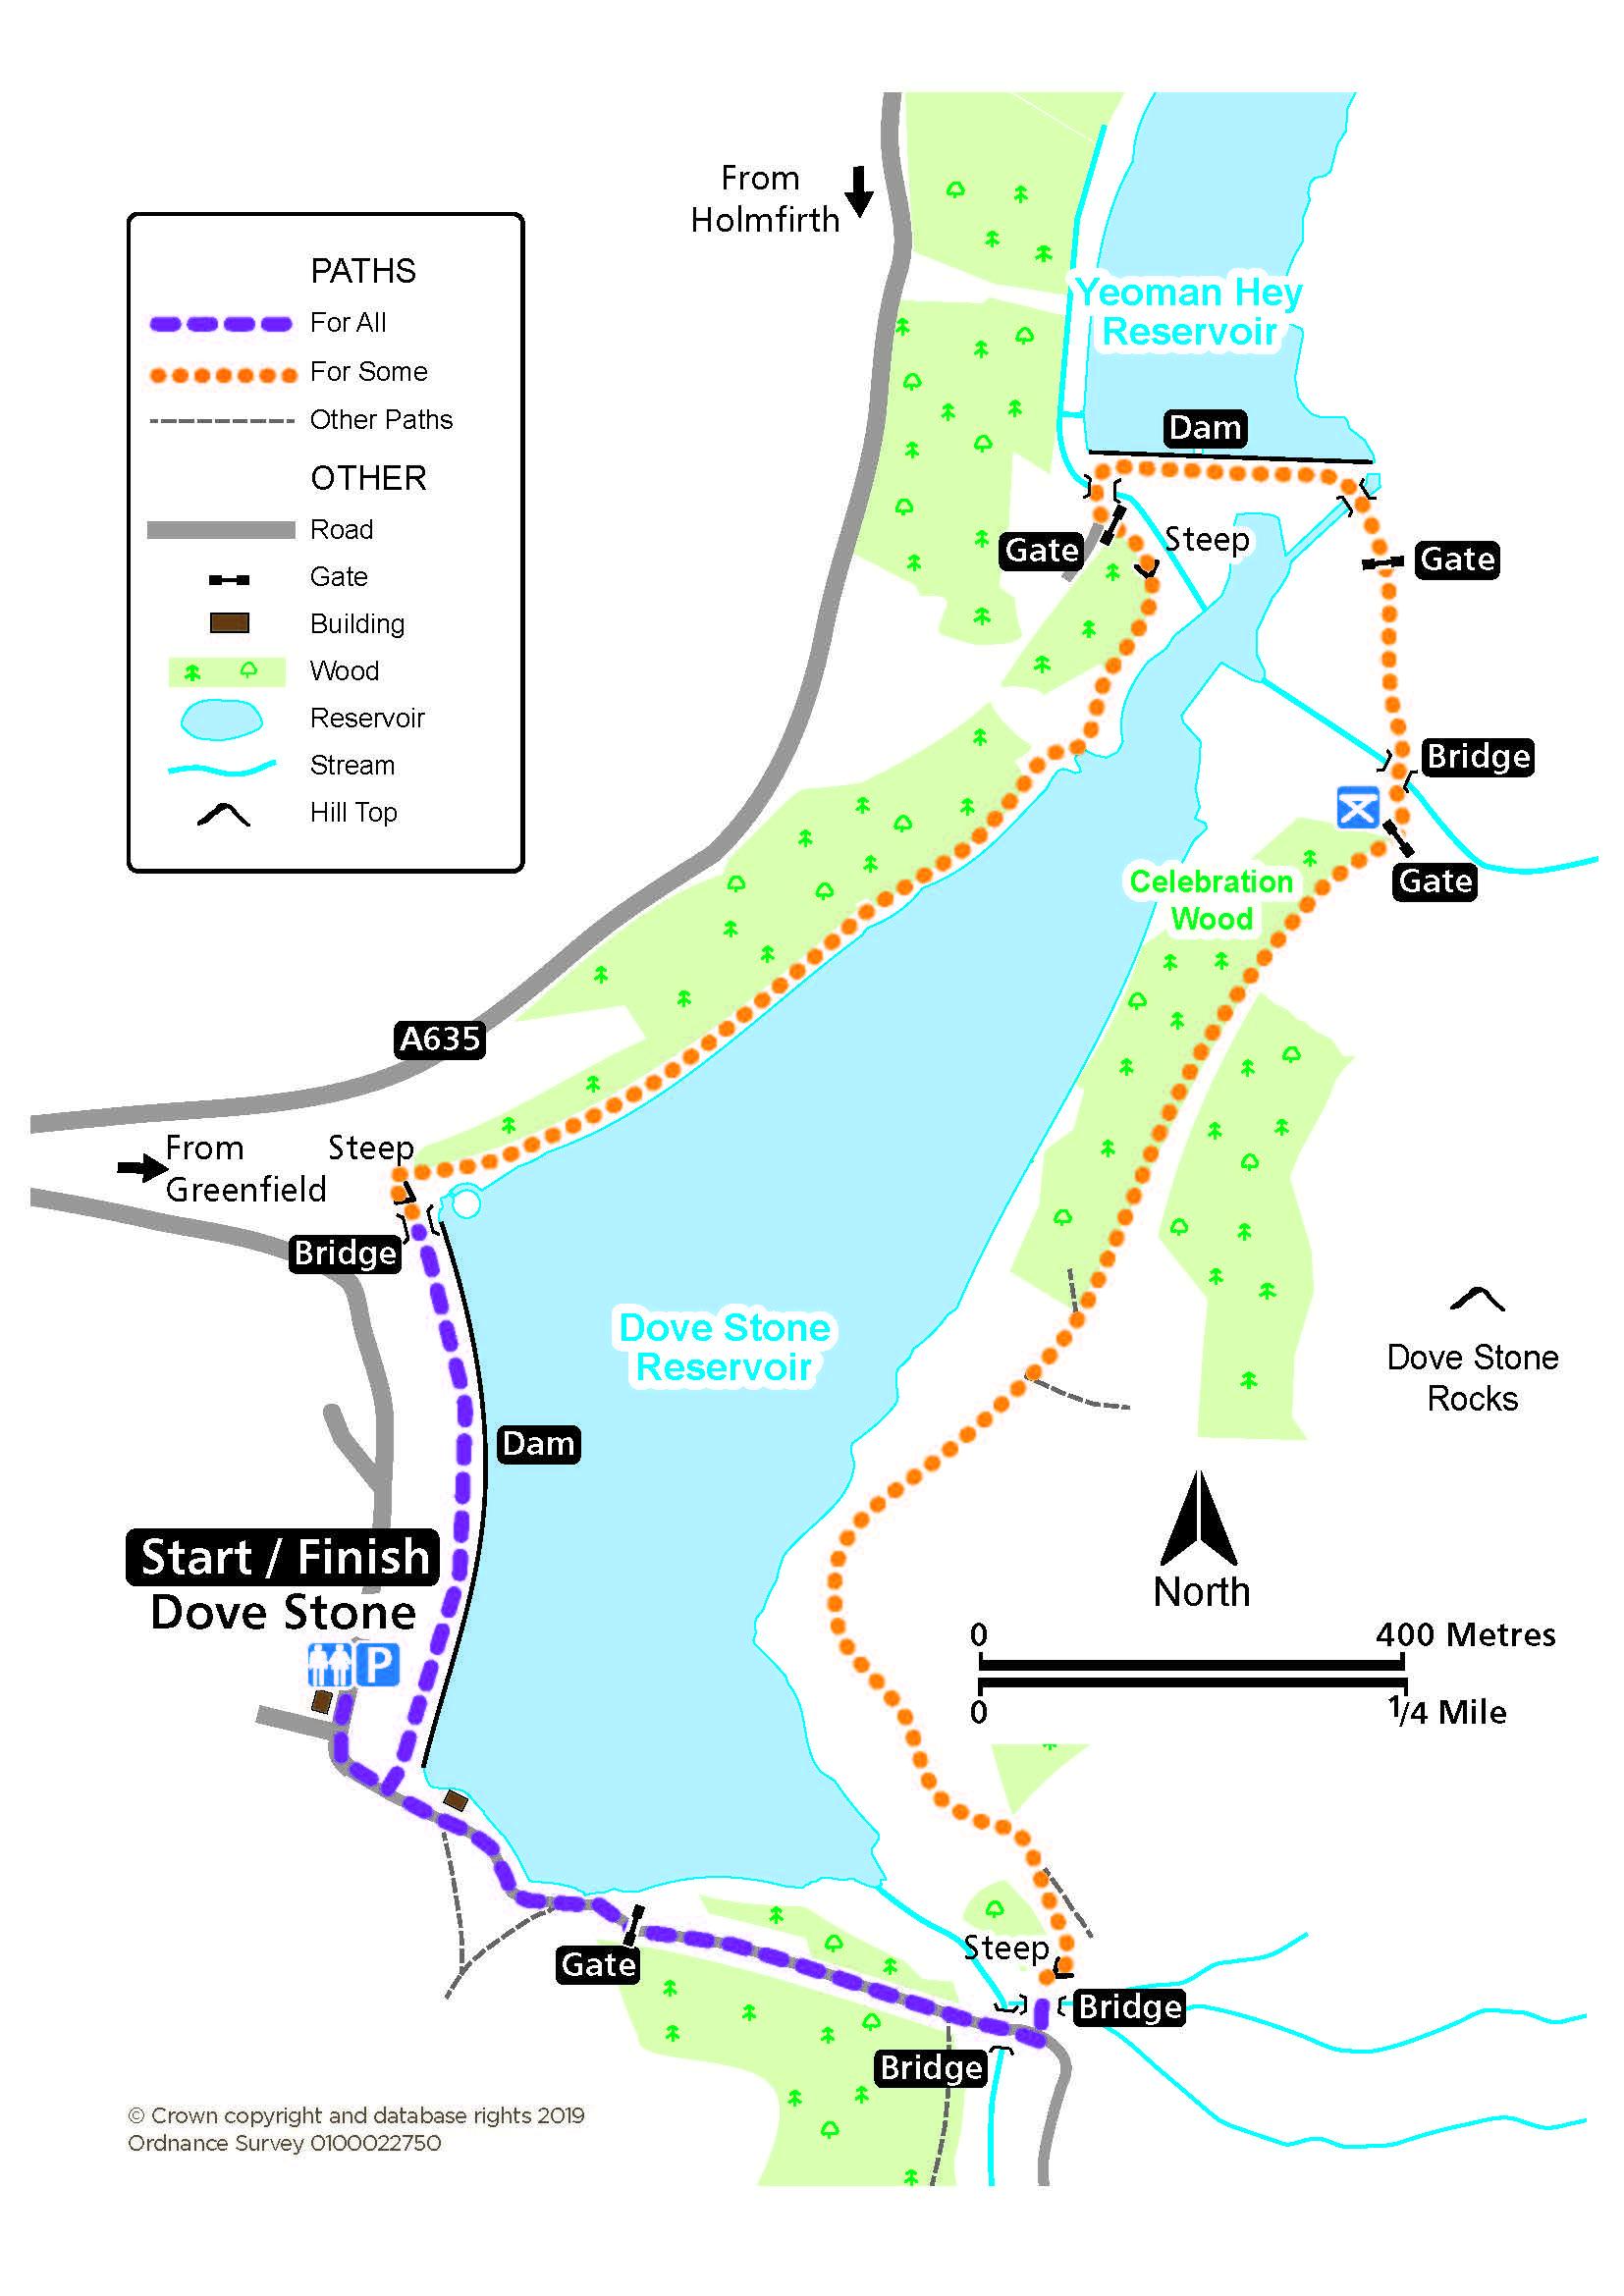 Dove Stone route